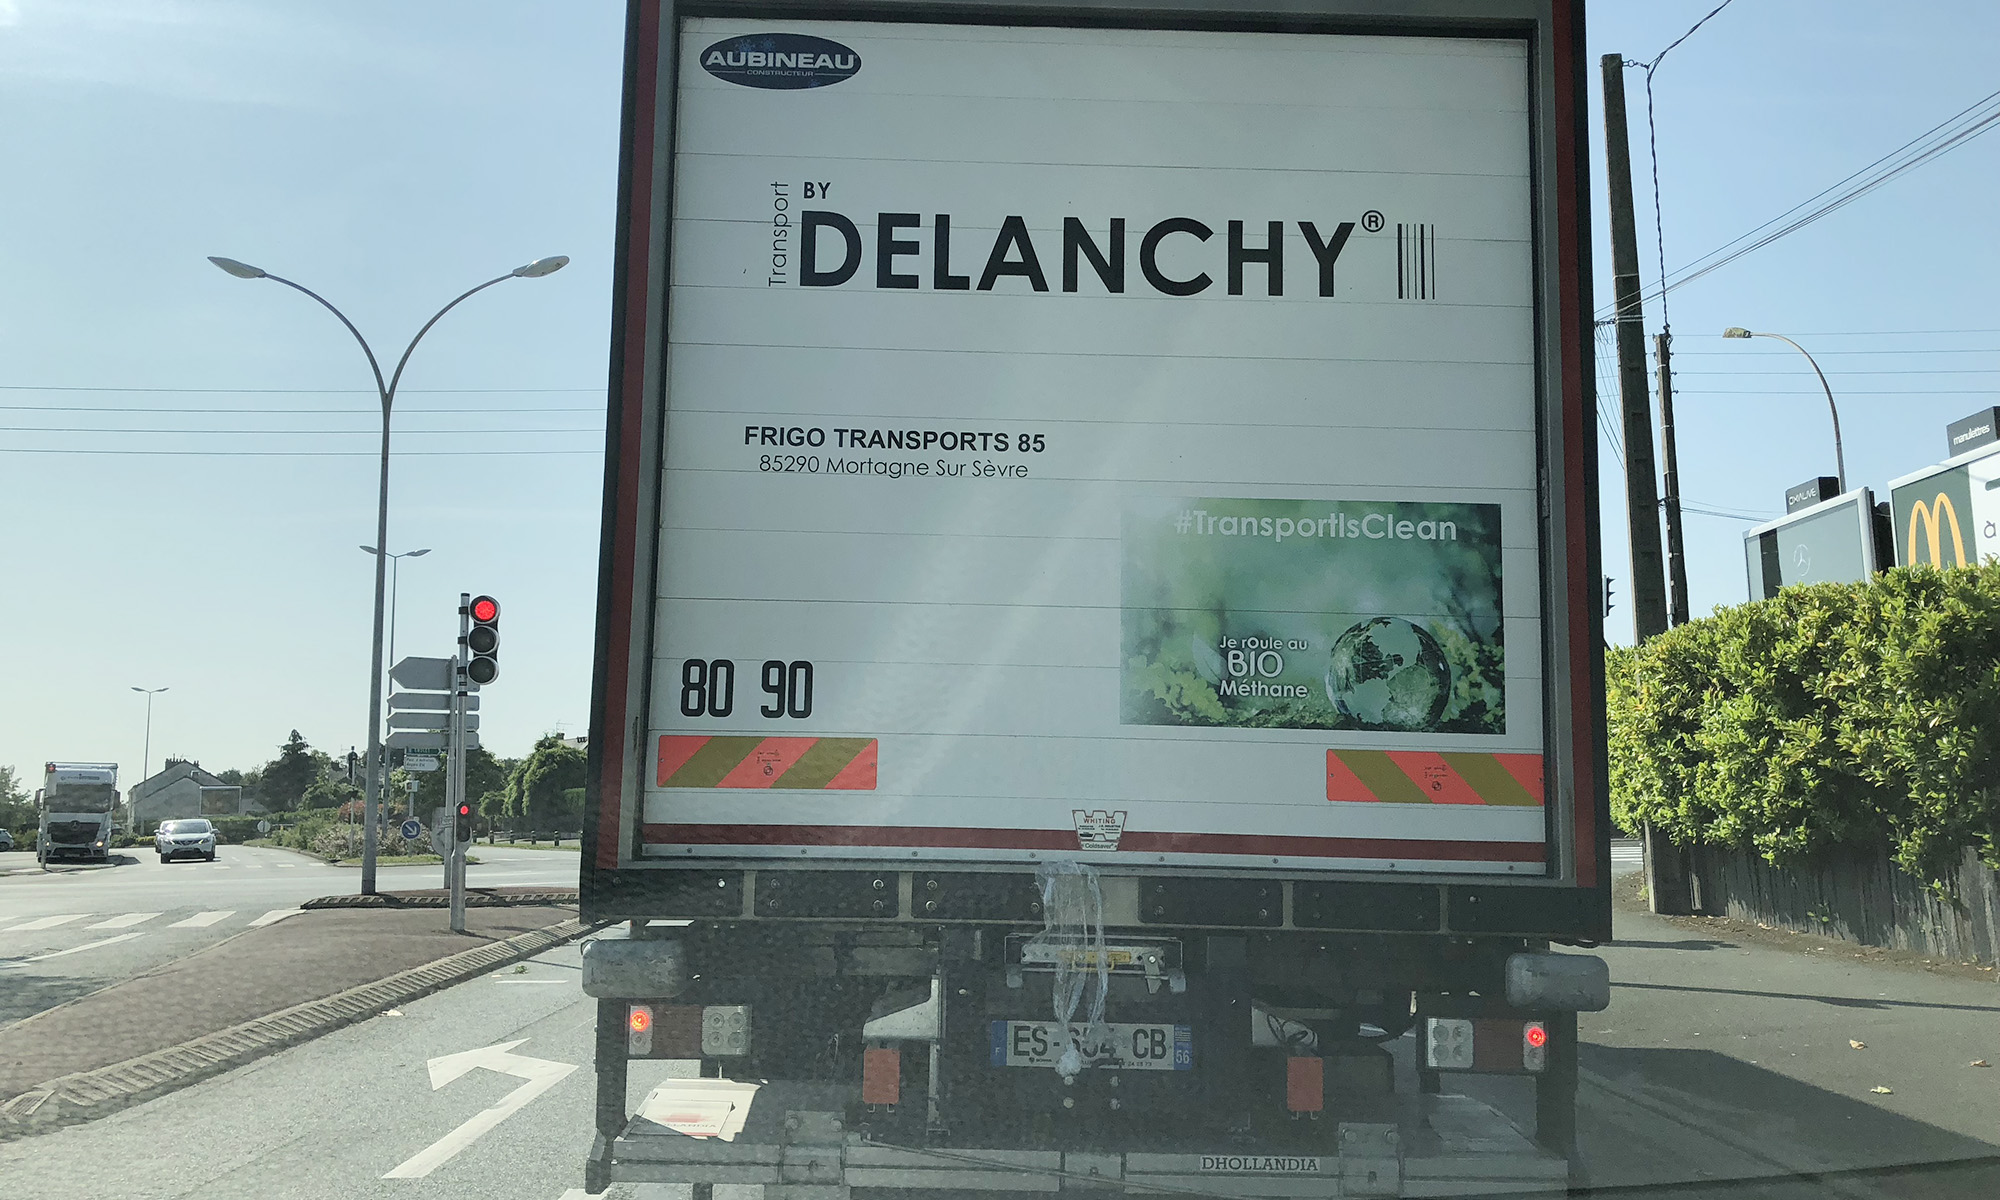 Delanchy, un transporteur français qui a pris le virage écologique en utilisant des camions qui roulent au bio GNV